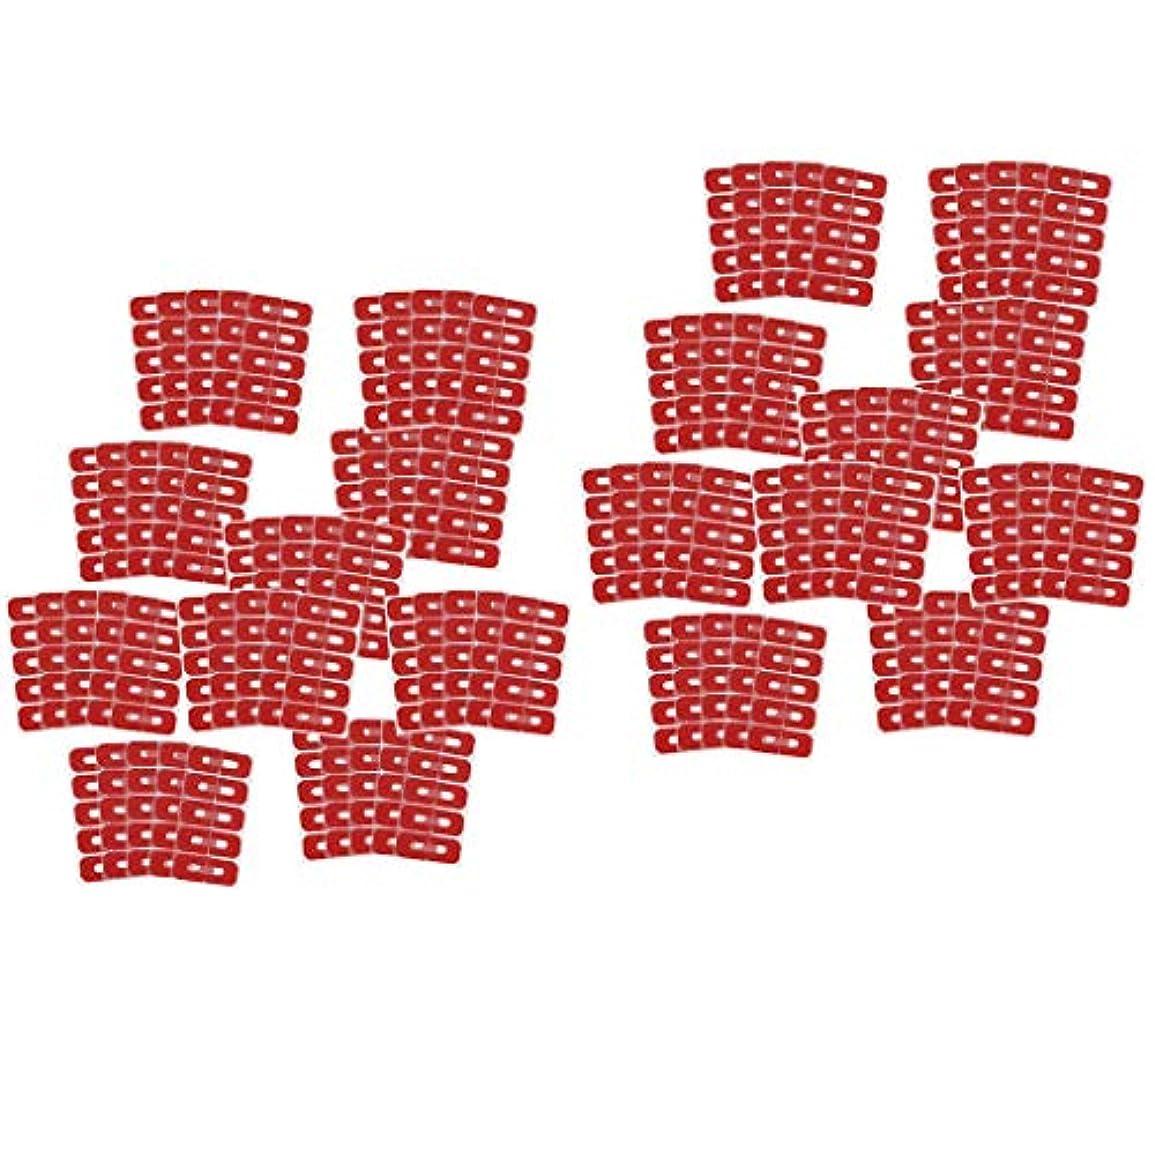 幻影実行する真珠のようなSM SunniMix ネイルアート ネイルカバー ステッカー ネイルポリッシュ こぼれ防止 流出 溢れ 防止 マニキュア